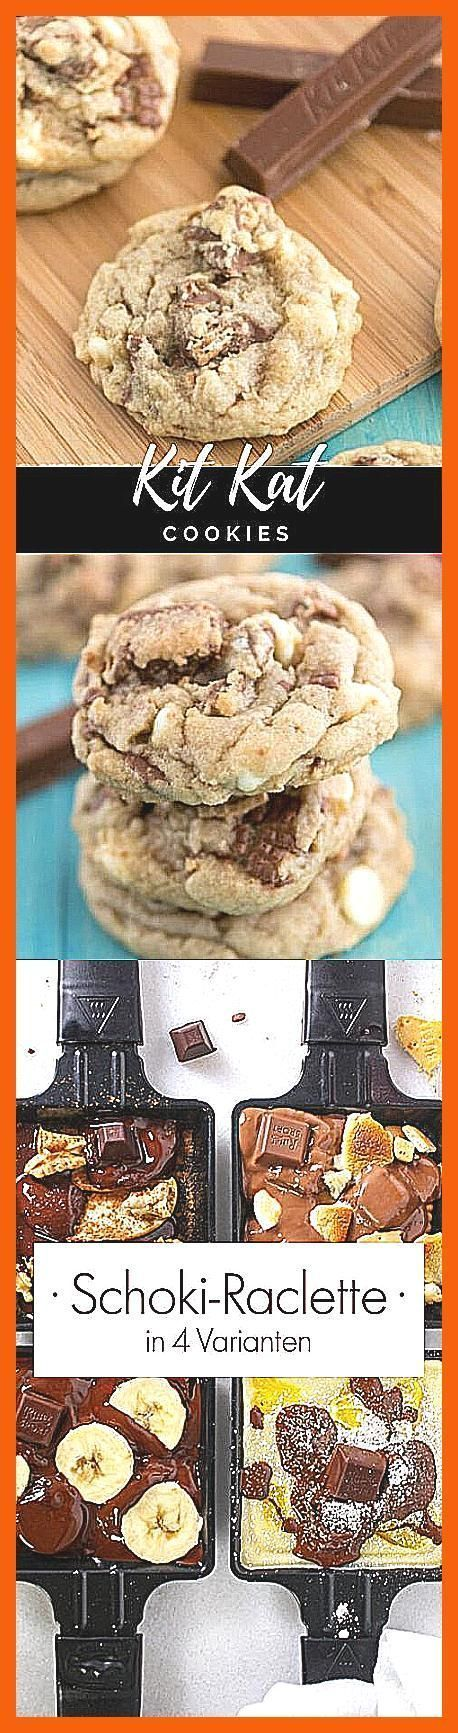 Photo of Dieser Kuchen Ist Himmlisch Und Superlecker Rezept Zitronenkuchen Einfach S – Id…